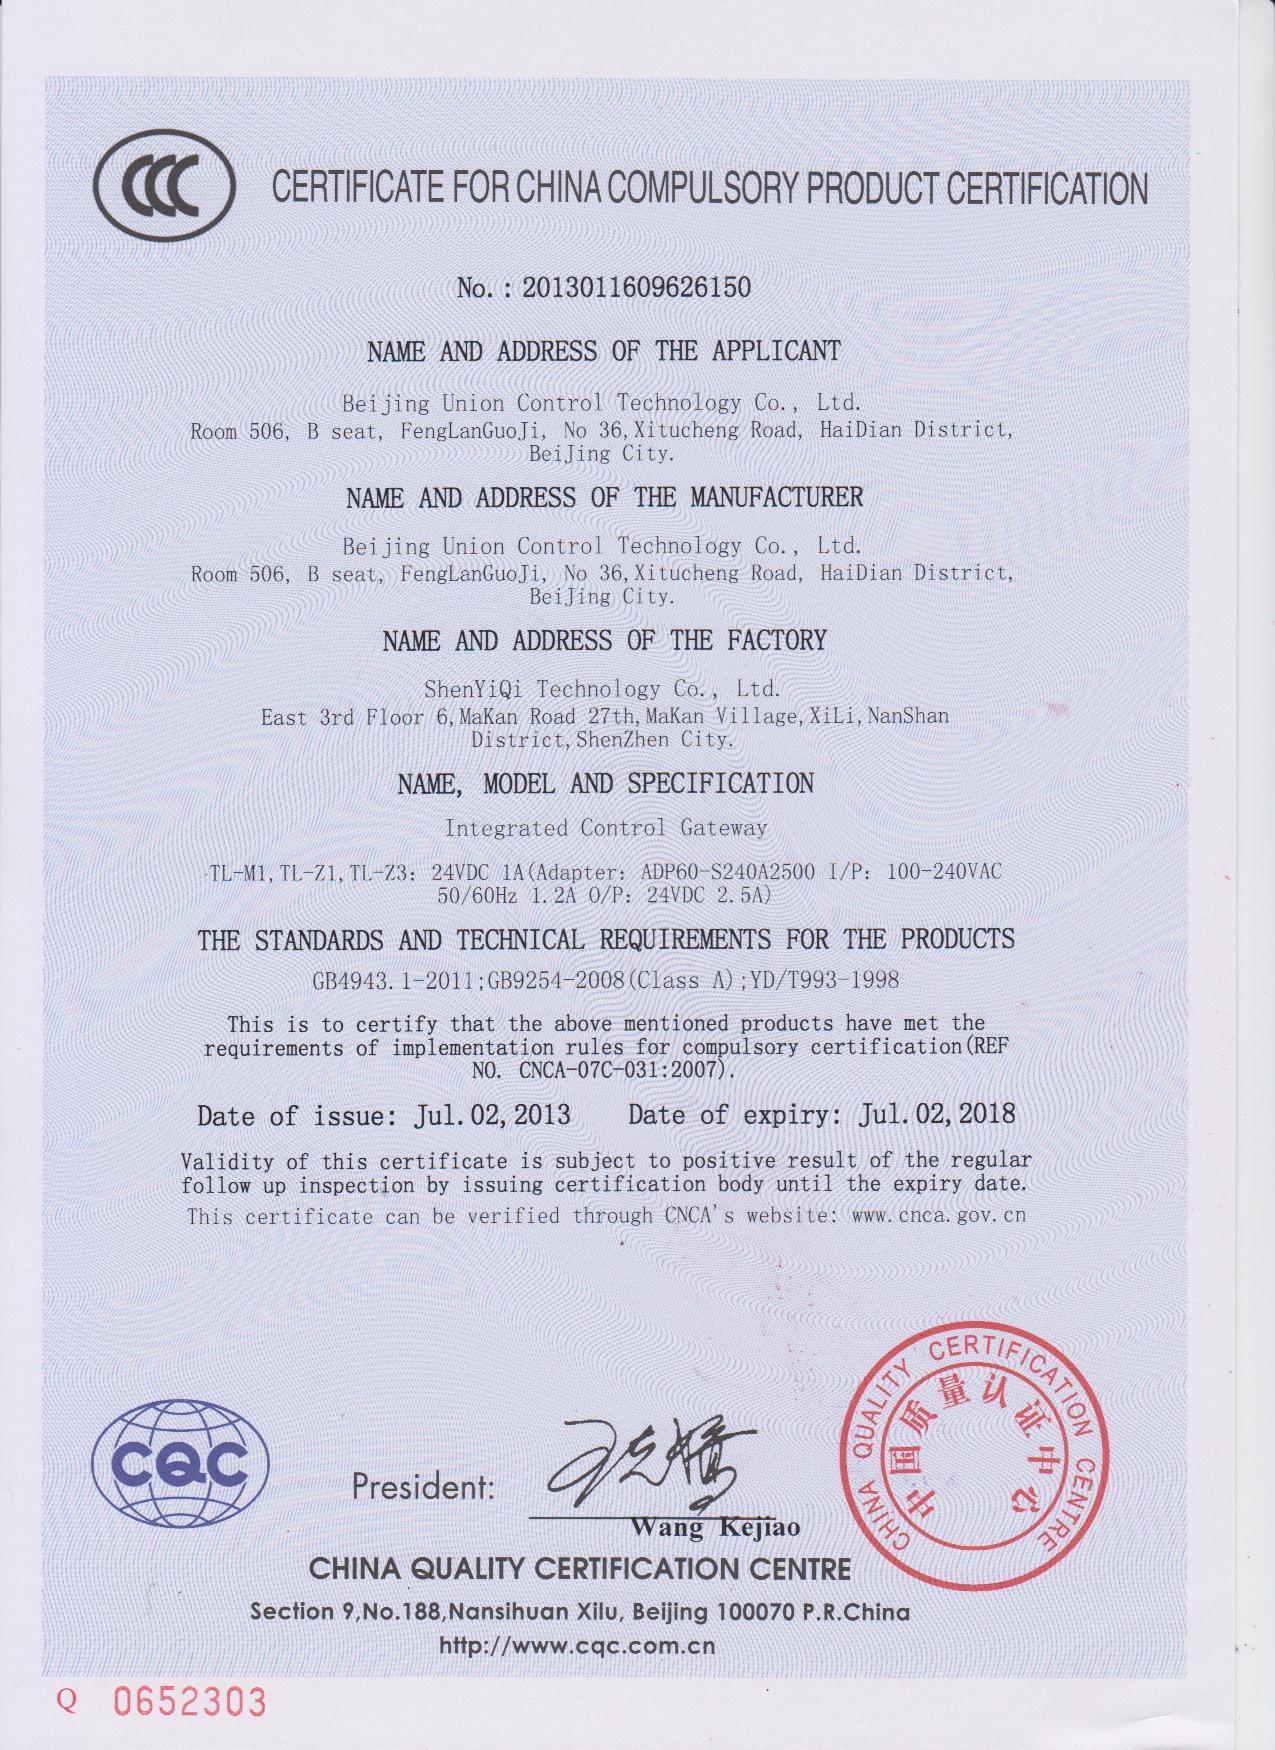 联合控创CCC英文证书